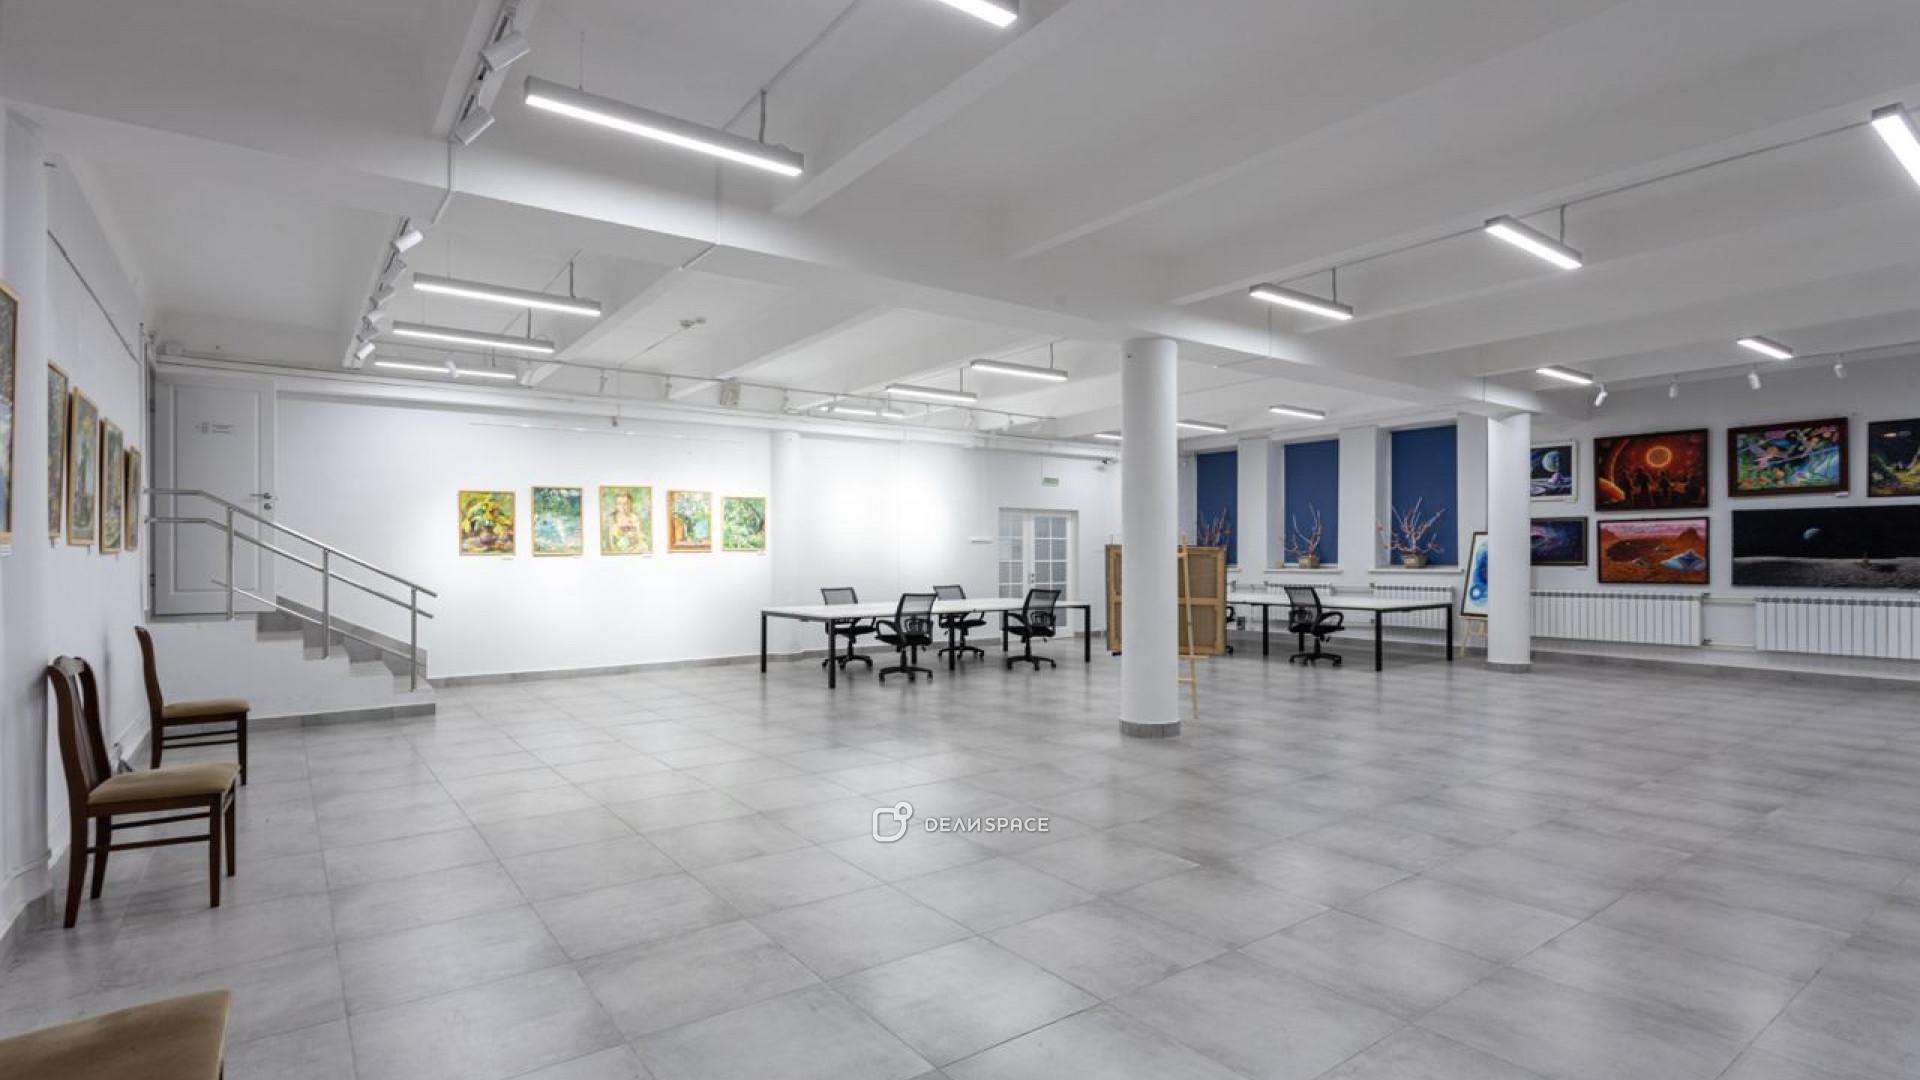 Зал визуальных искусств - фото №2